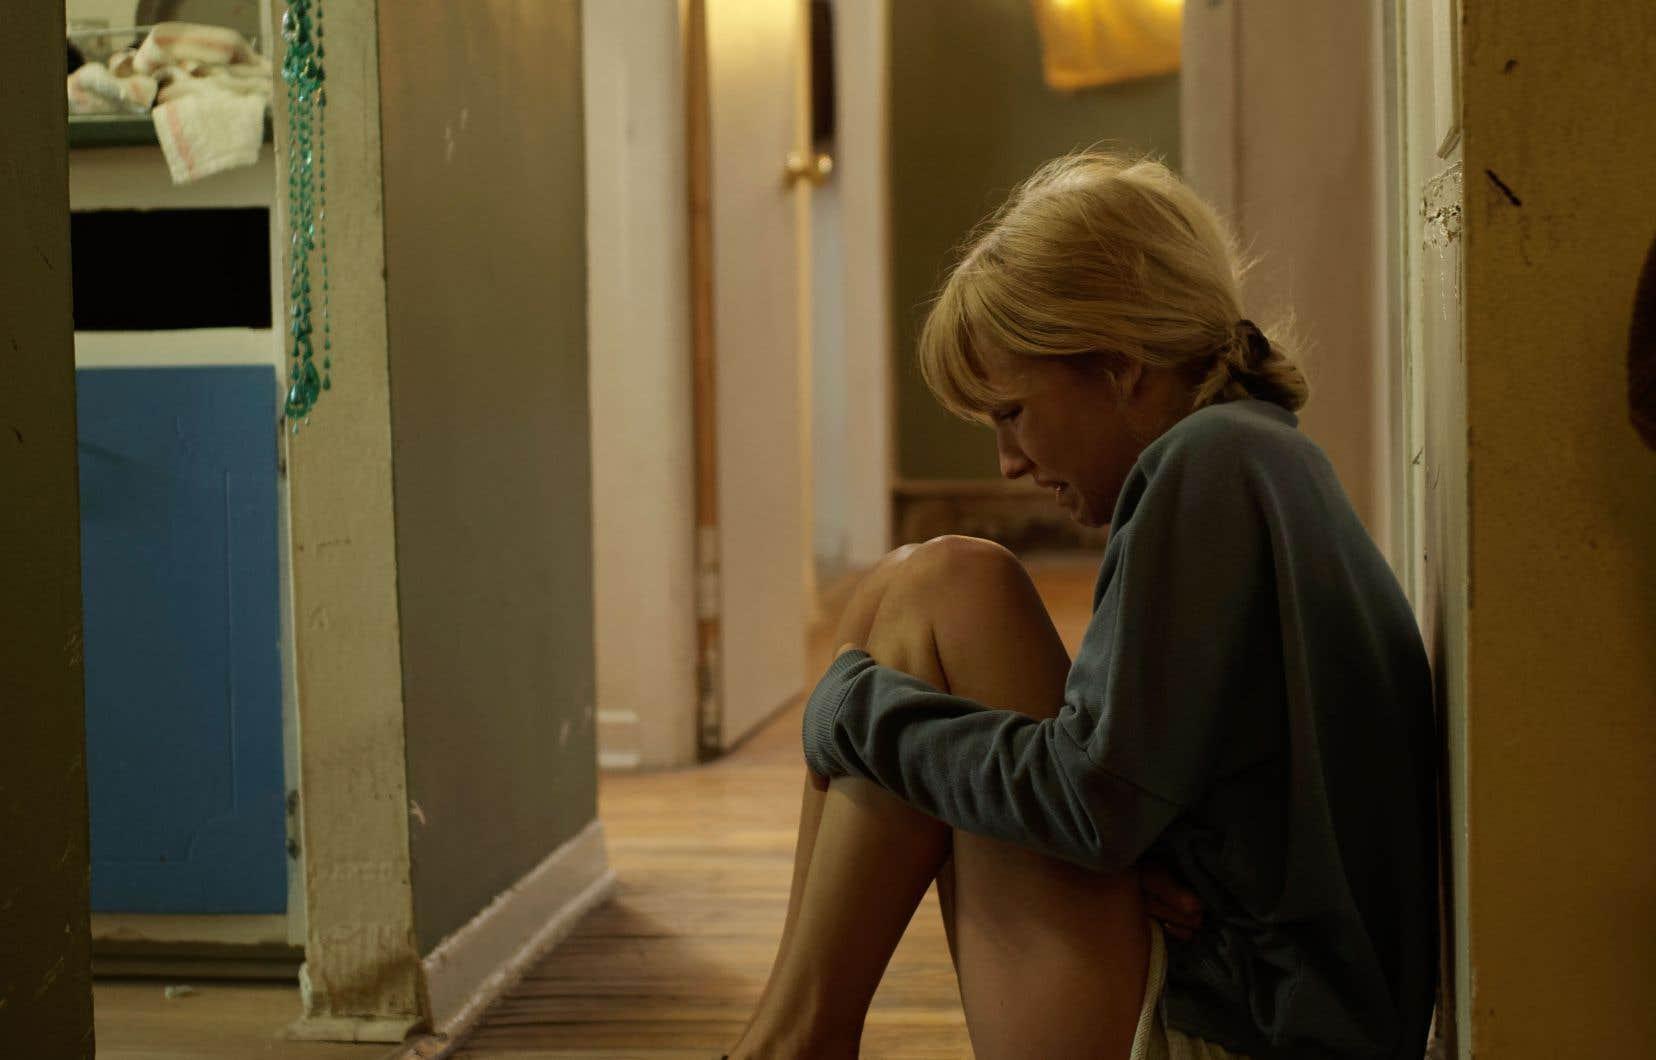 La jeune comédienne Rose-Marie Perreault est très solide dans le rôle complexe de Sophie, où elle subit à la fois de la violence physique et psychologique.